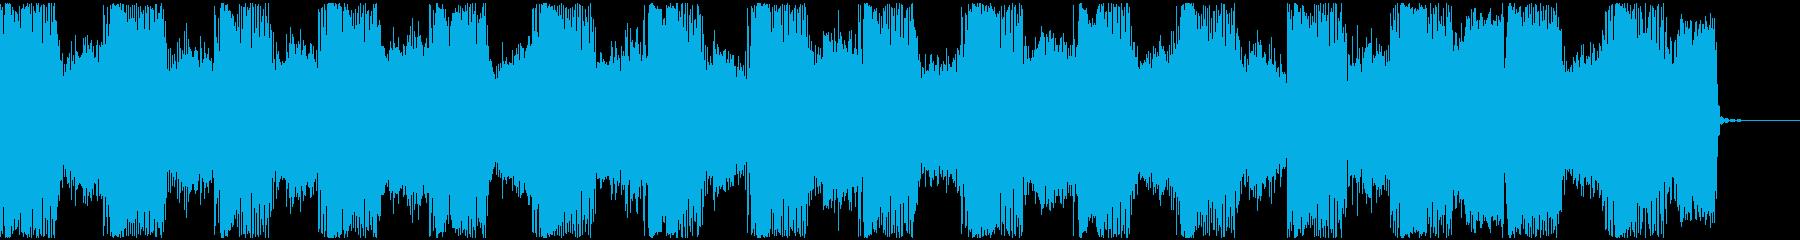 【フューチャーベース】ロング2ショート7の再生済みの波形